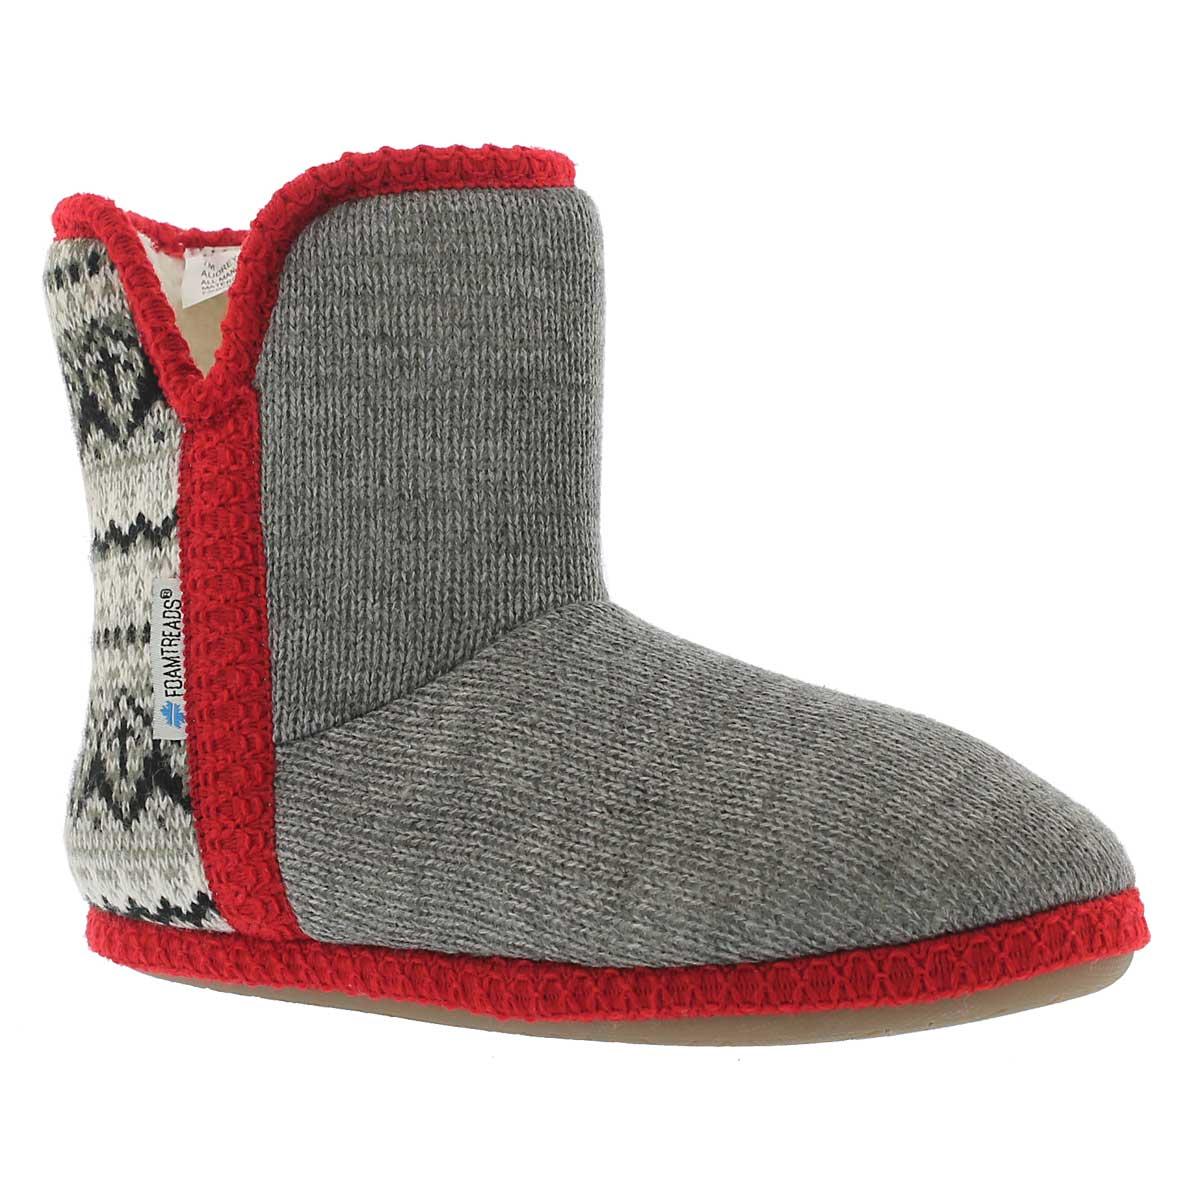 Women's AUDREY grey/red bootie slippers